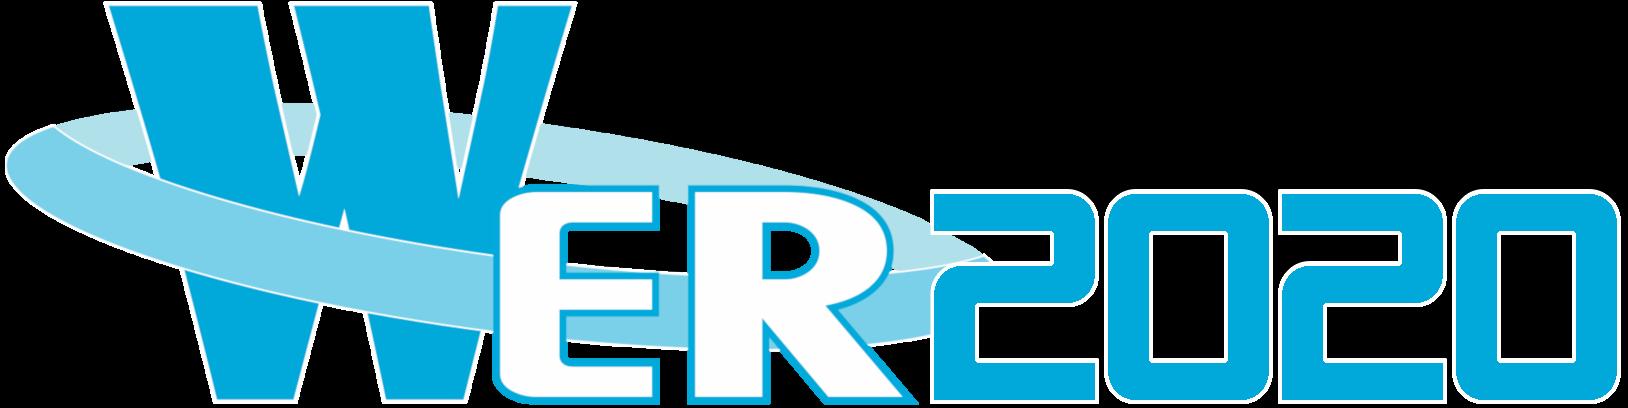 WER 2020